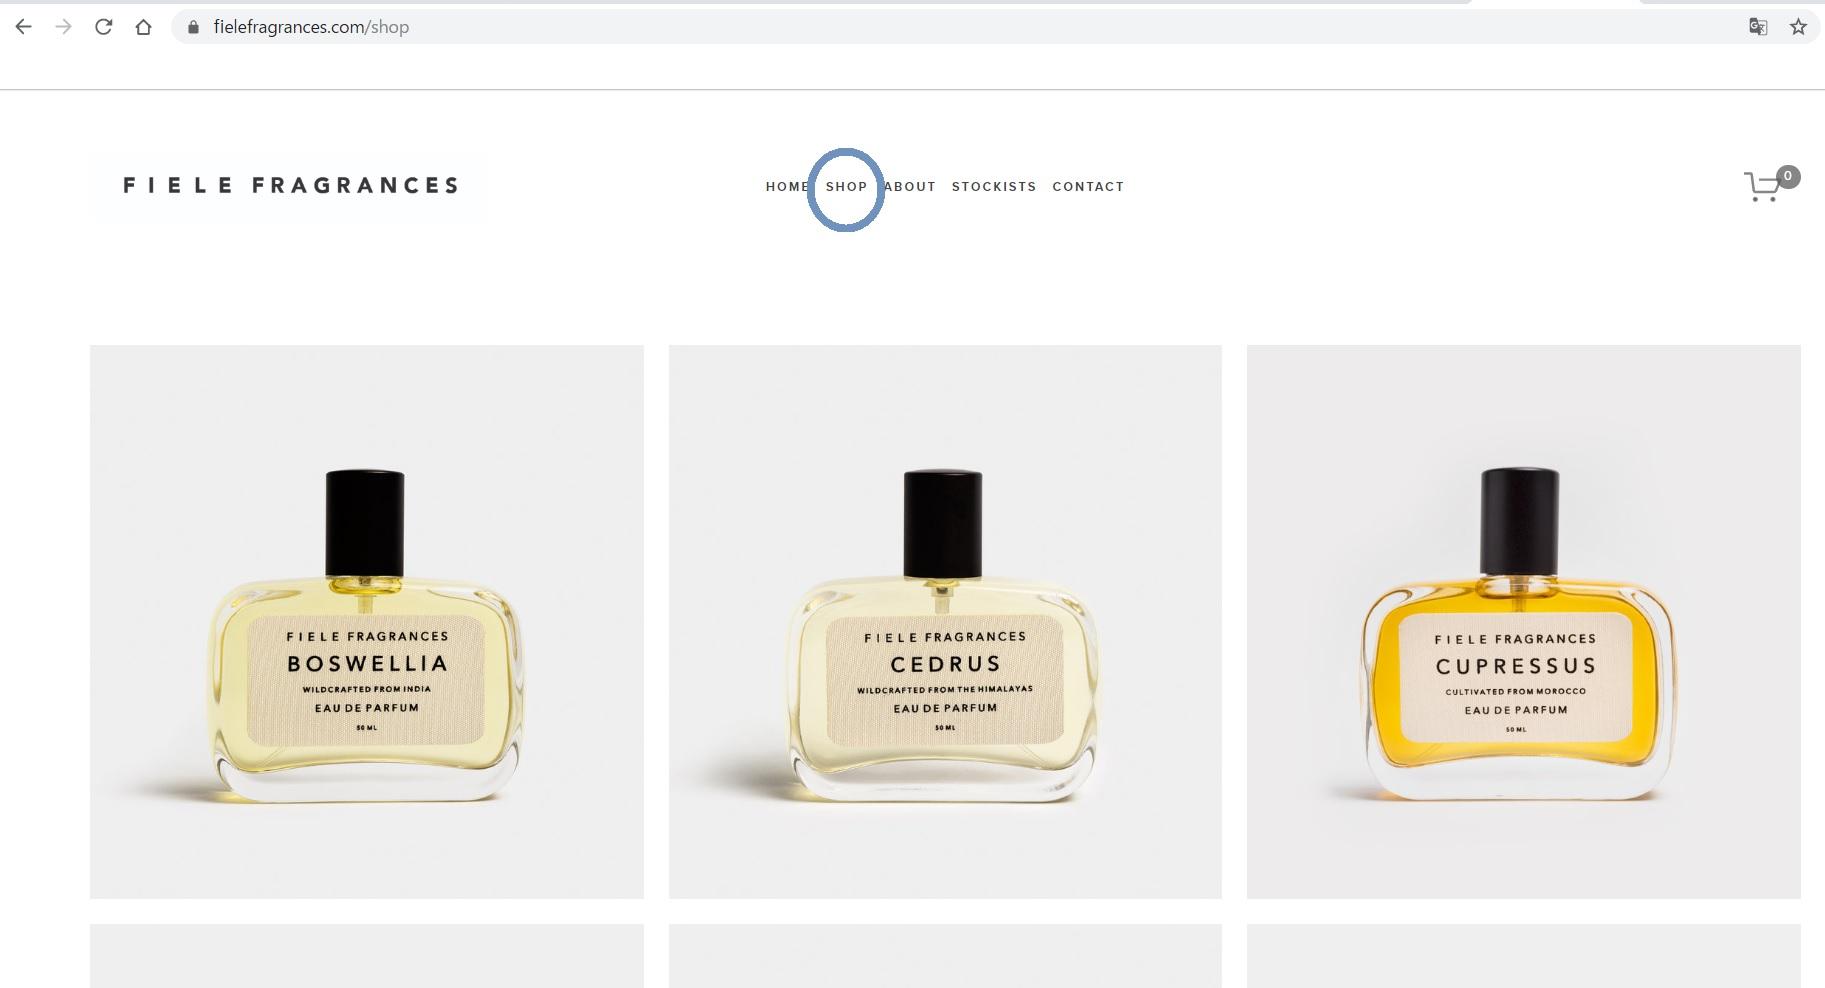 FIELE FRAGRANCES online shop